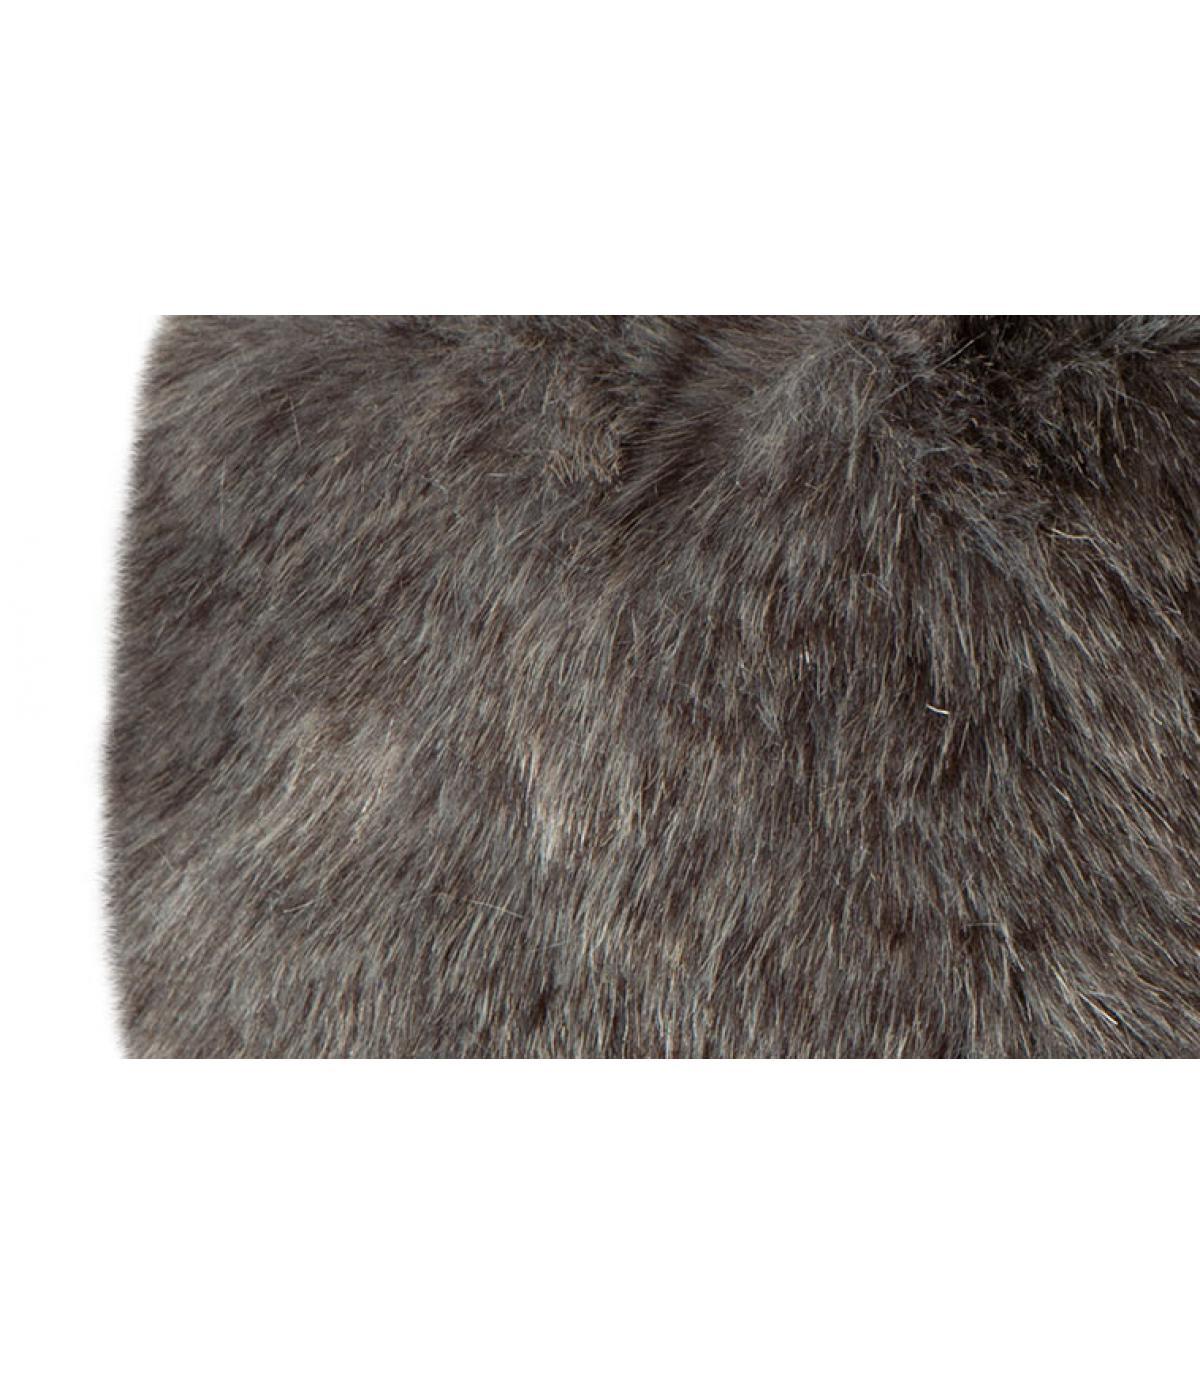 ebcbef42e8a Grey josh fur - Josh hat grey by Barts.